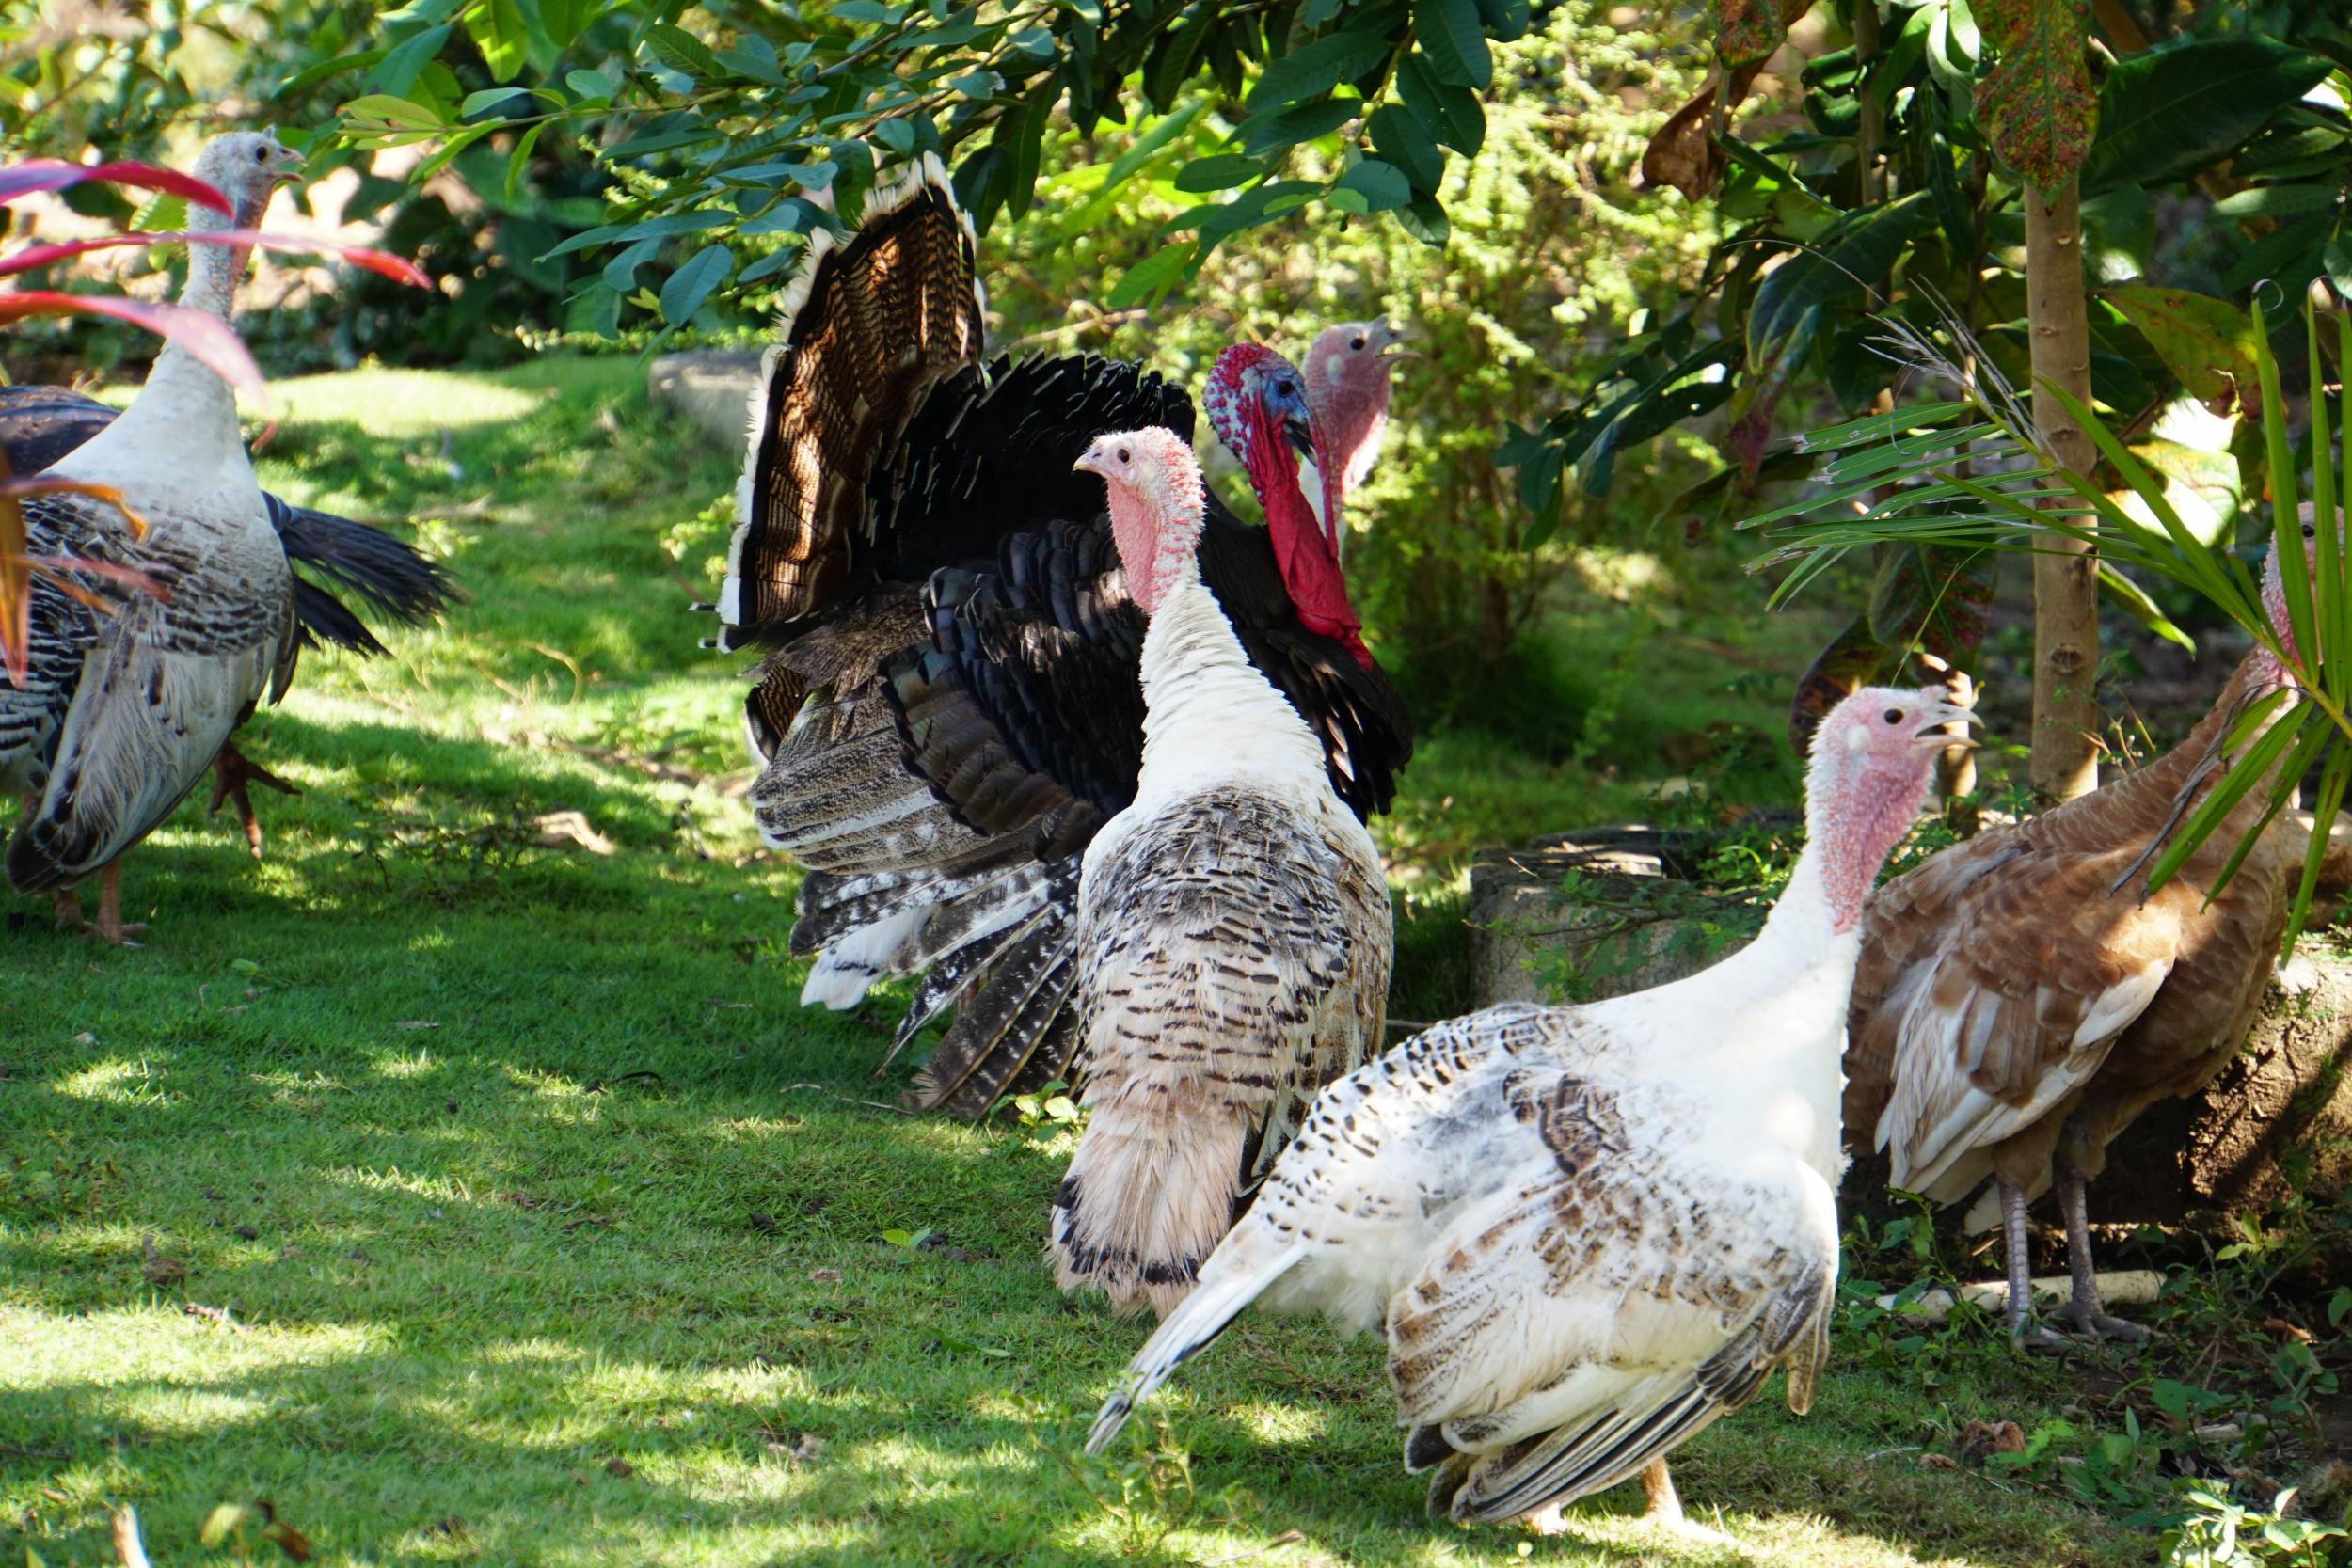 21. Turkeys